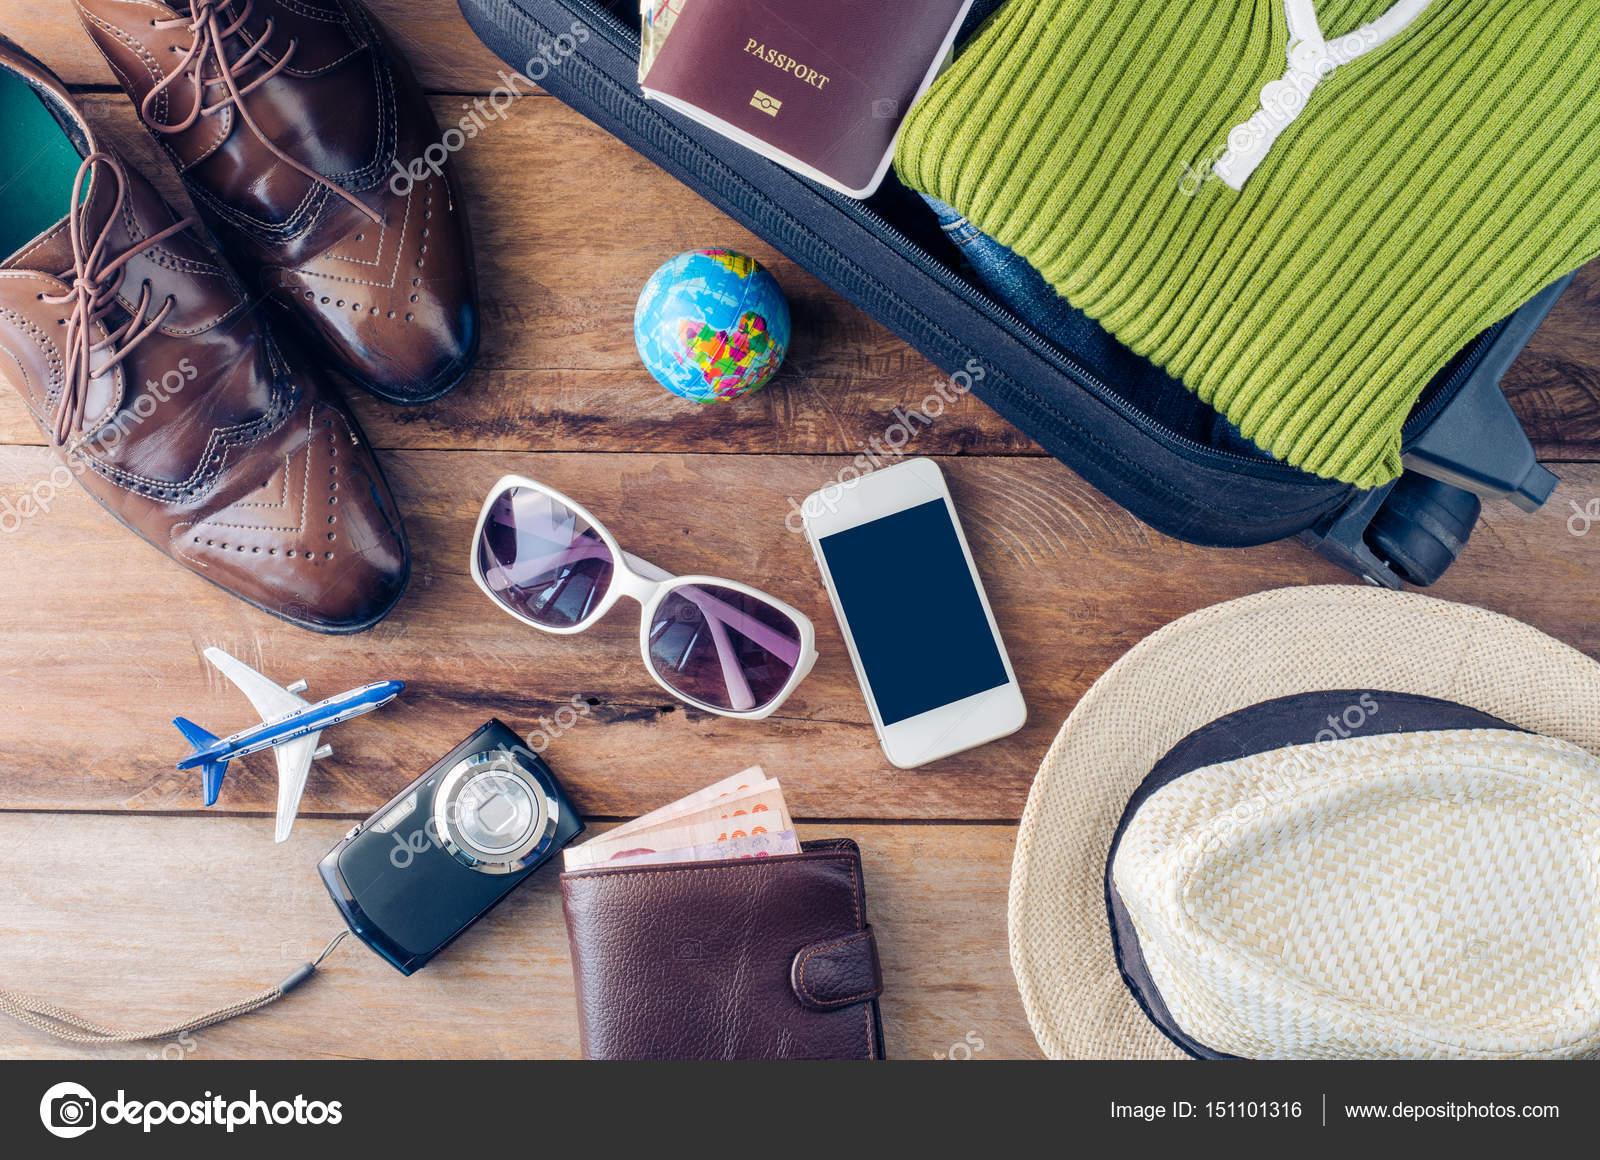 Zubehör Kostüme zu reisen. Pässe, Gepäck, Brillen bereit die Kosten ...